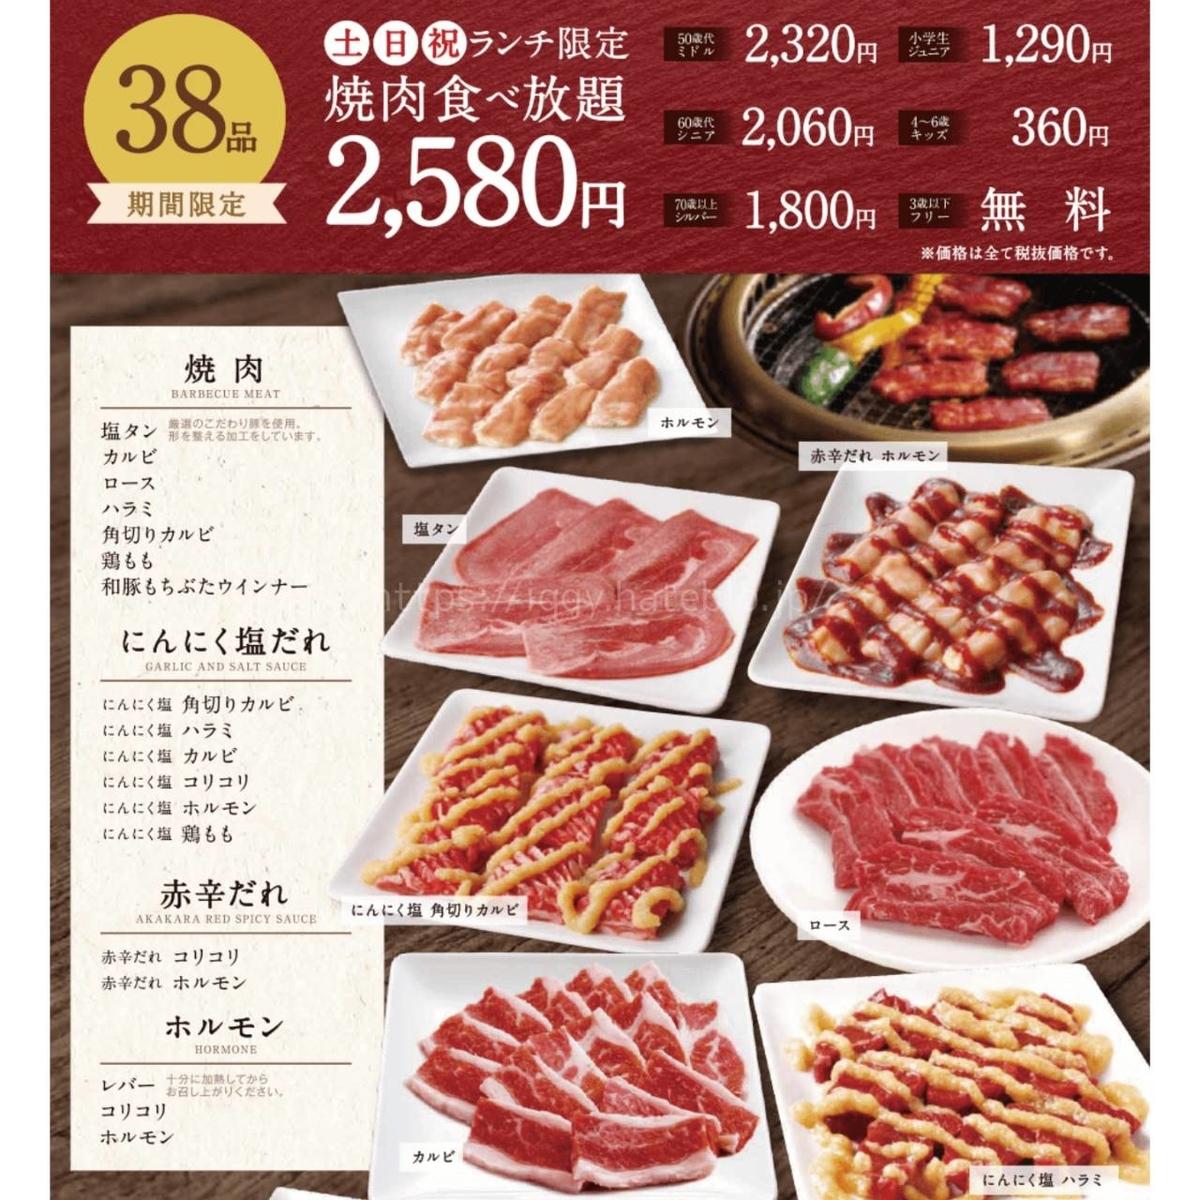 【ワンカルビ】ランチメニュー!38品食べ放題コース(2580円)焼肉